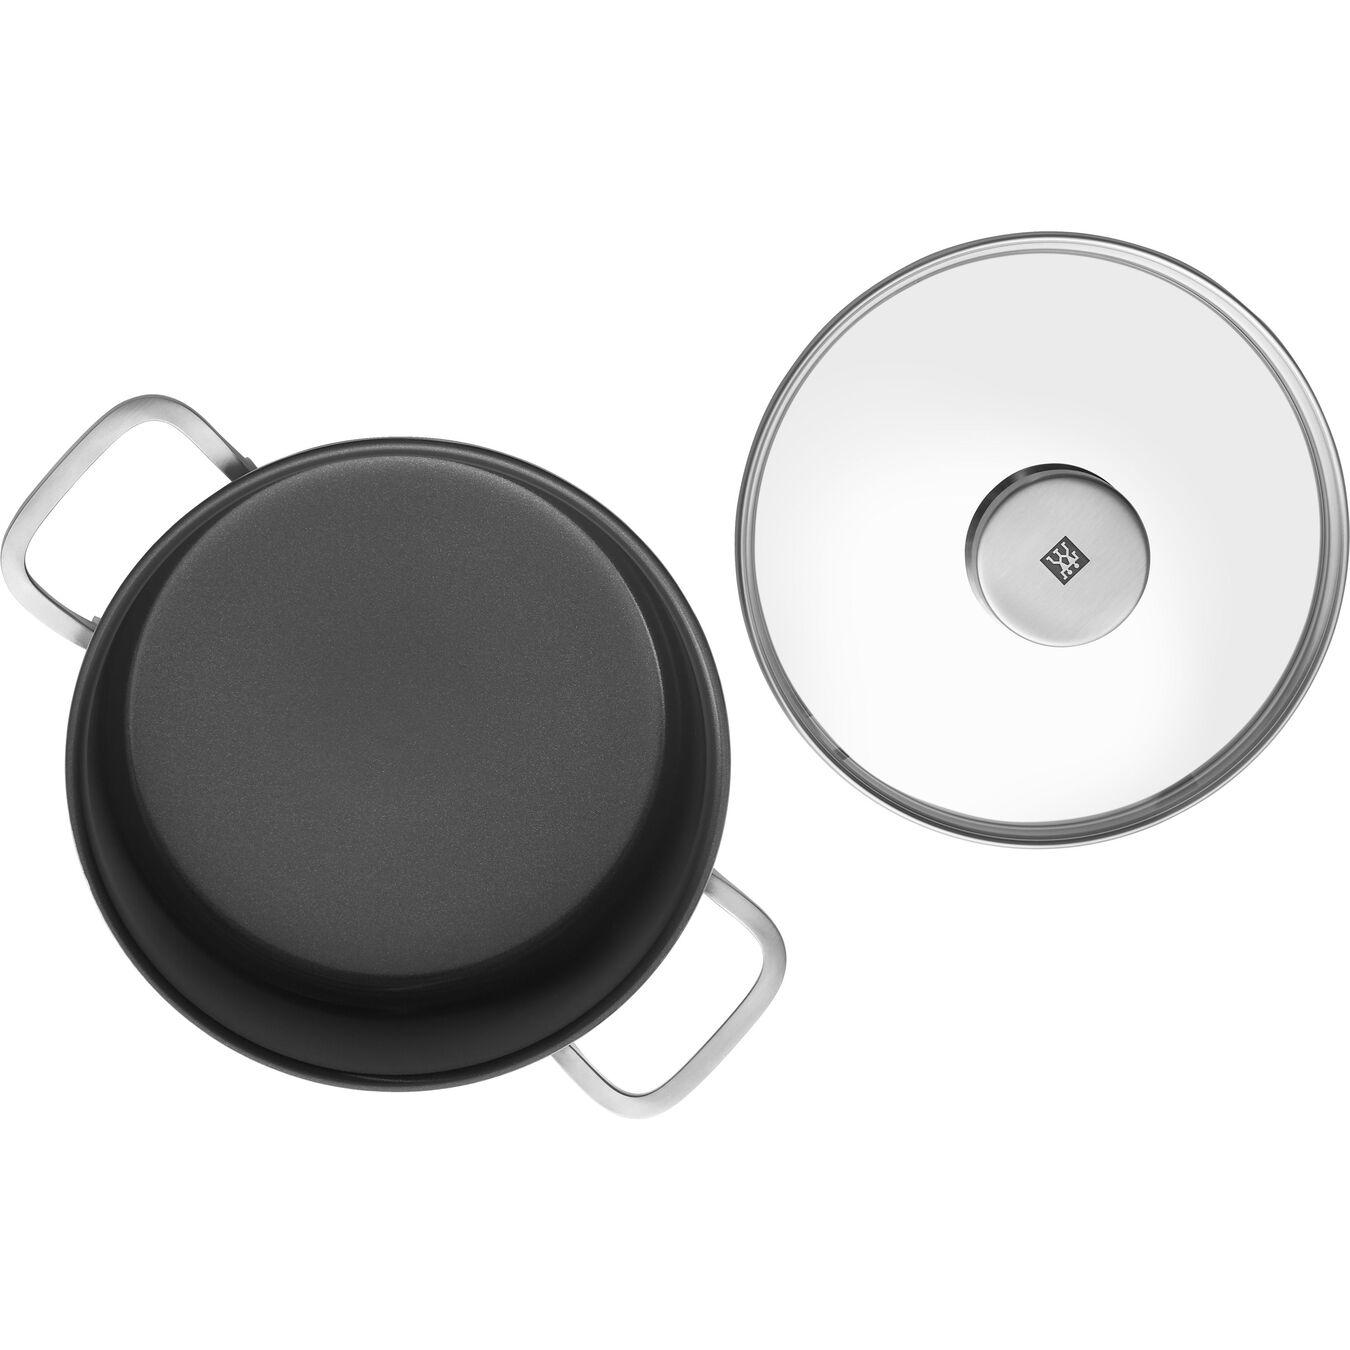 Ensemble de casseroles 3-pcs, Acier inoxydable,,large 13